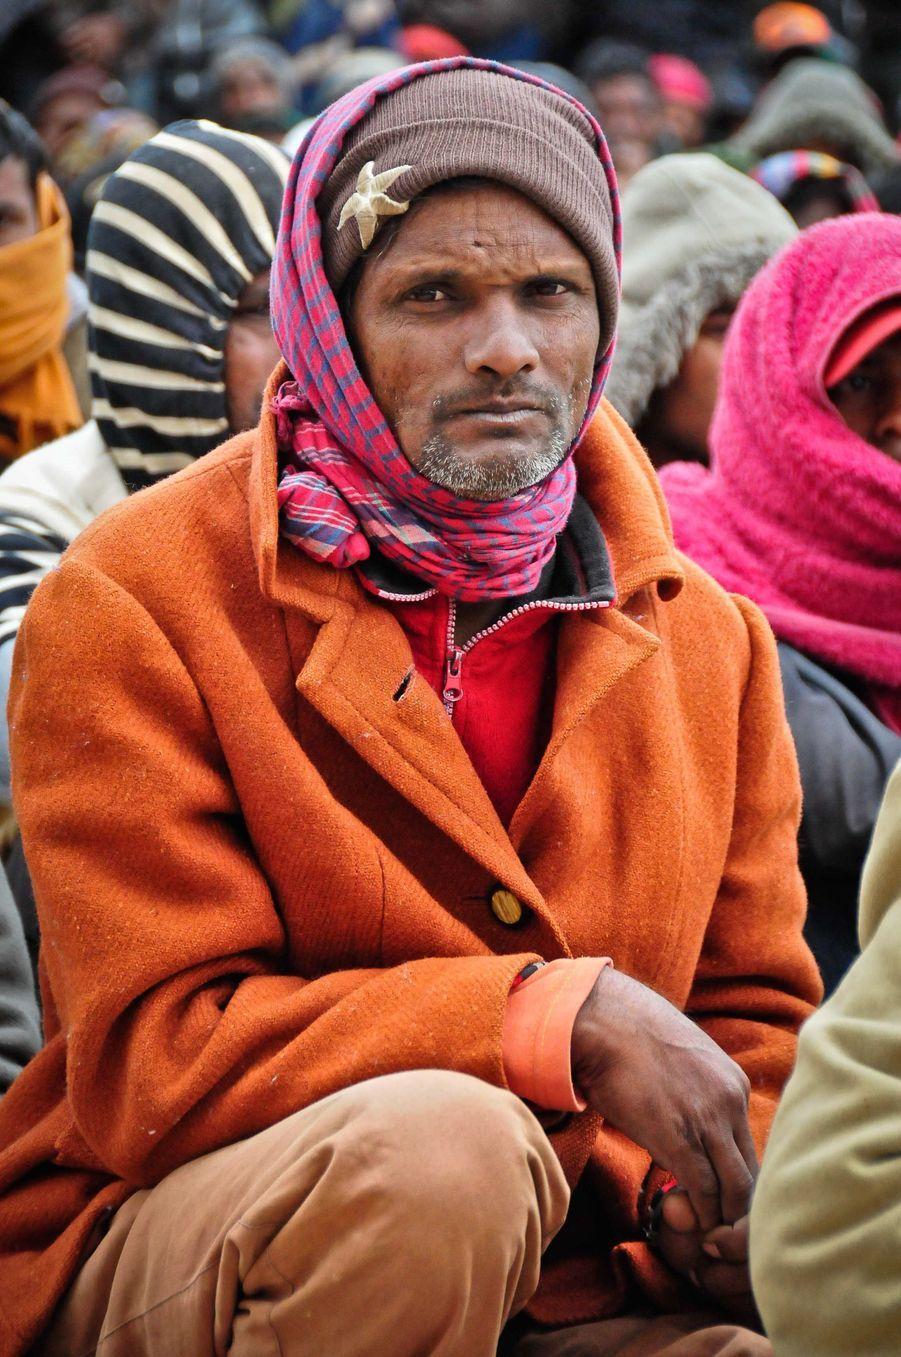 Tout comme cet homme, ils sont des milliers à attendre d'être appelés pour récupérer le sésame qui leur permettra de rentrer chez eux.